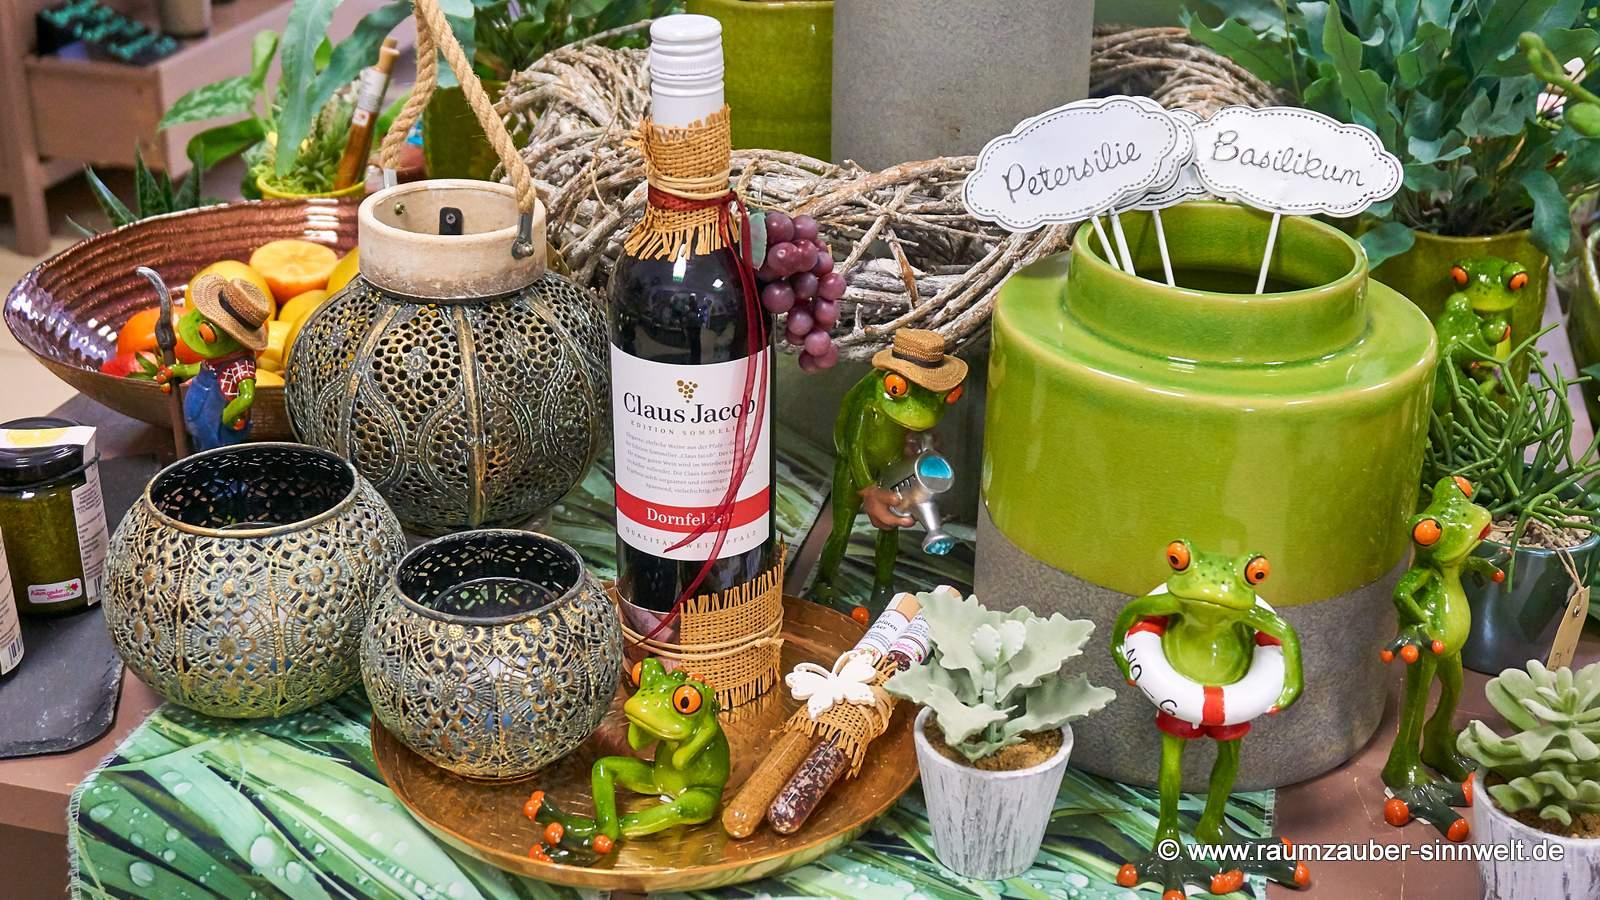 Deko-Frösche von formano mit Präsenten und Wein